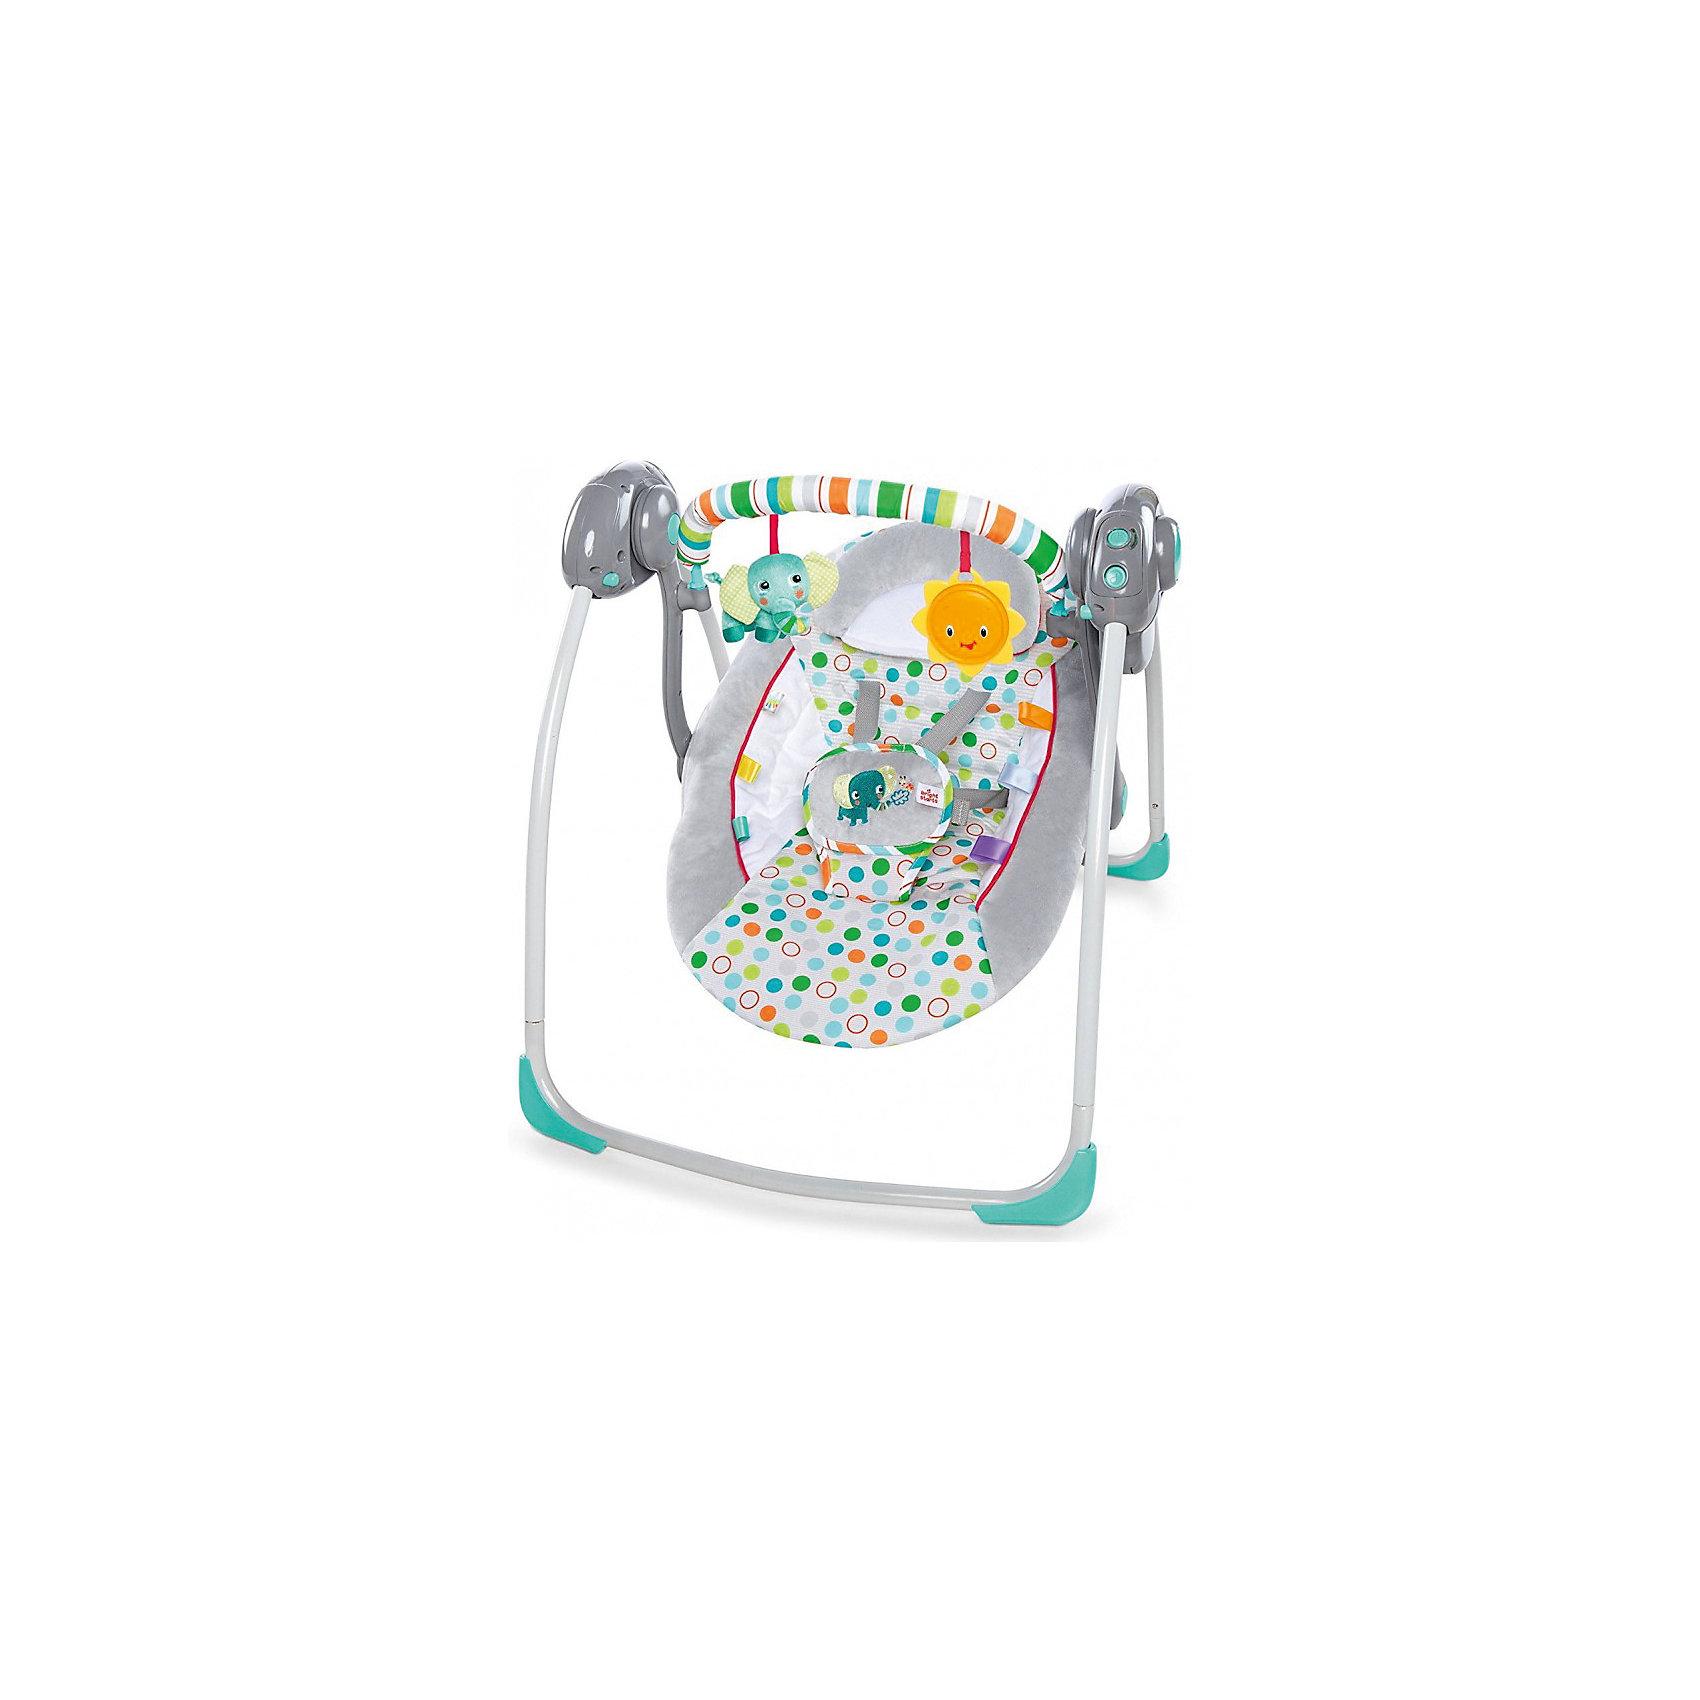 Качели «Солнечные джунгли», Bright StartsКачели электронные<br>Технология True Speed обеспечивает выбор 6 скоростей по мере роста малыша <br>Бесшумное раскачивание благодаря технологии Whisper Quiet <br> Мягкую перекладину с игрушками можно поворачивать для быстрого доступа к малышу <br>2 игрушки: слонёнок и солнышко <br>Дополнительные характеристики<br>• Размеры товара: 57.15 cм x 72.39 cм x 58.42 cм<br><br>Ширина мм: 560<br>Глубина мм: 130<br>Высота мм: 130<br>Вес г: 3200<br>Возраст от месяцев: 0<br>Возраст до месяцев: 6<br>Пол: Унисекс<br>Возраст: Детский<br>SKU: 5596839